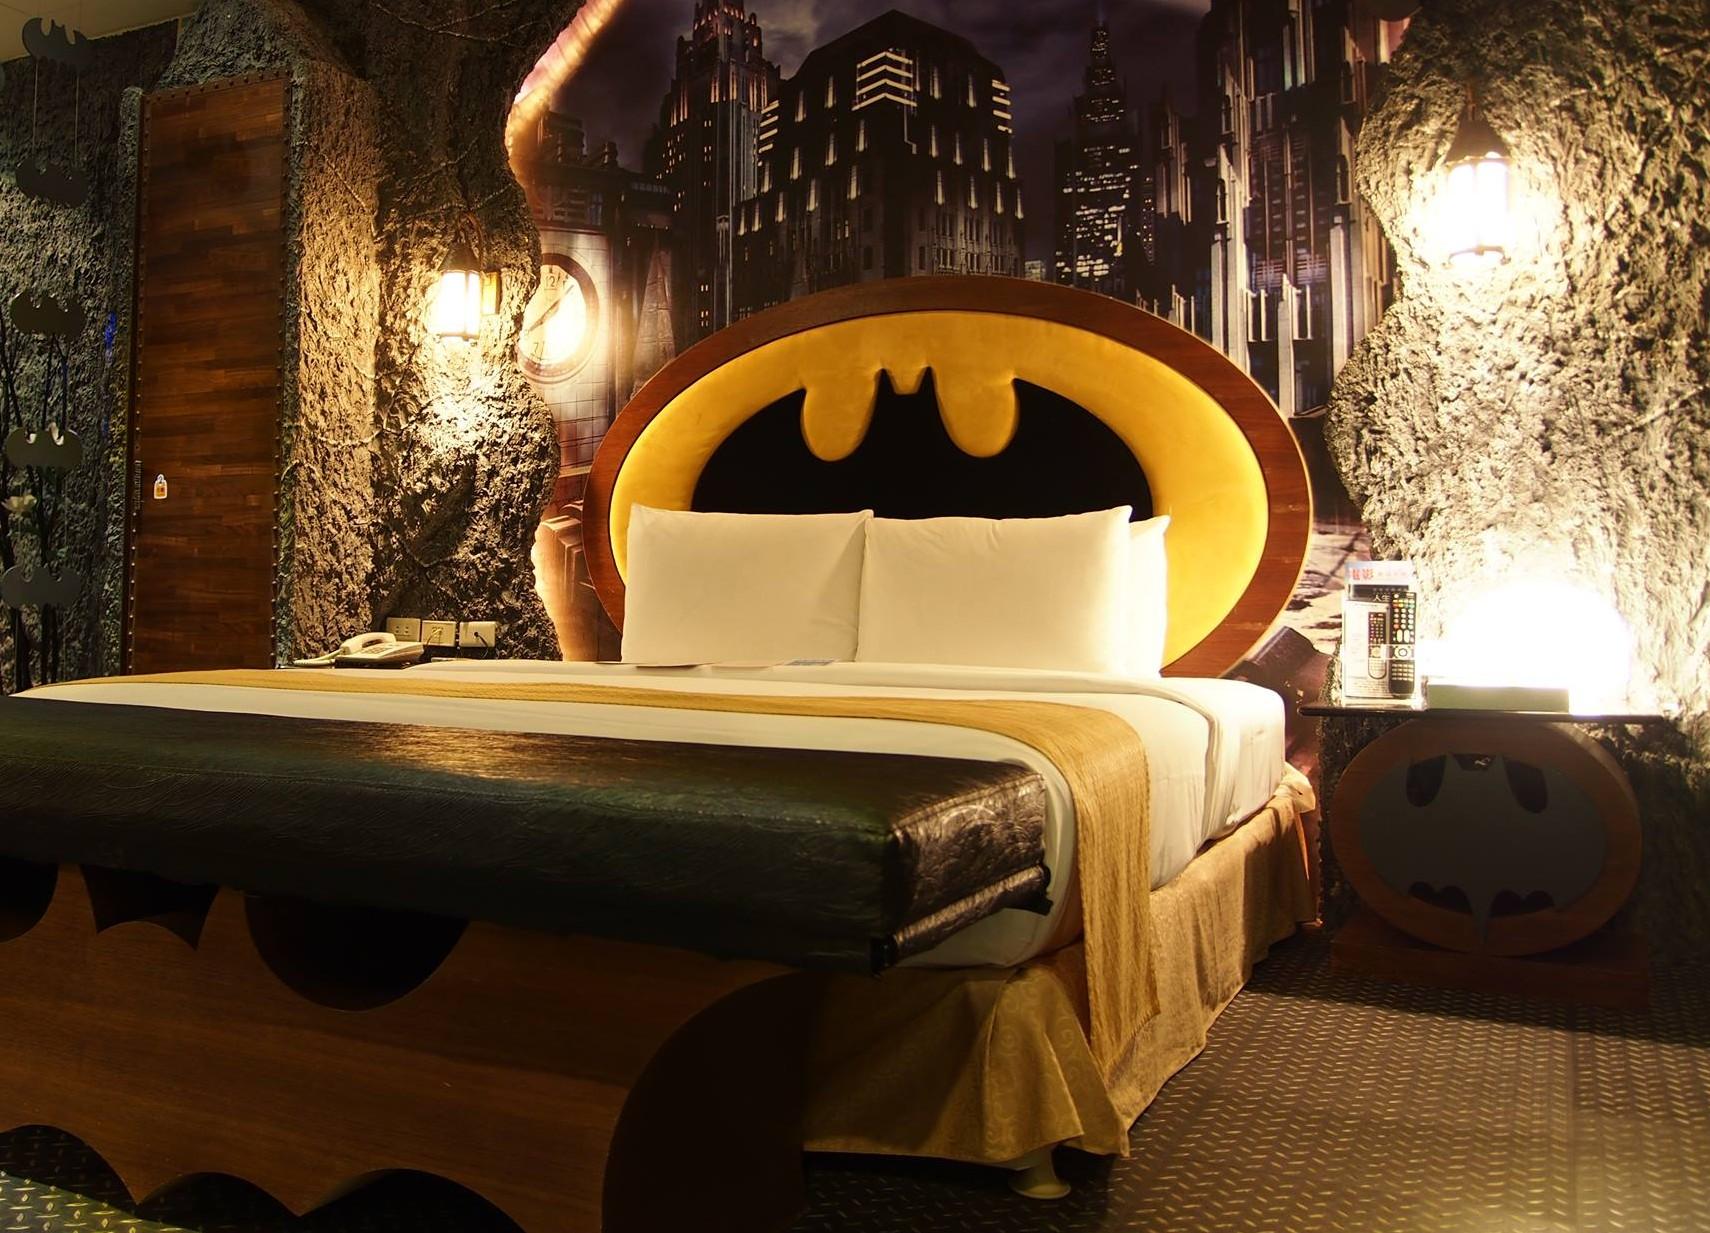 batman themed hotel in taiwan 2018 world s best hotels